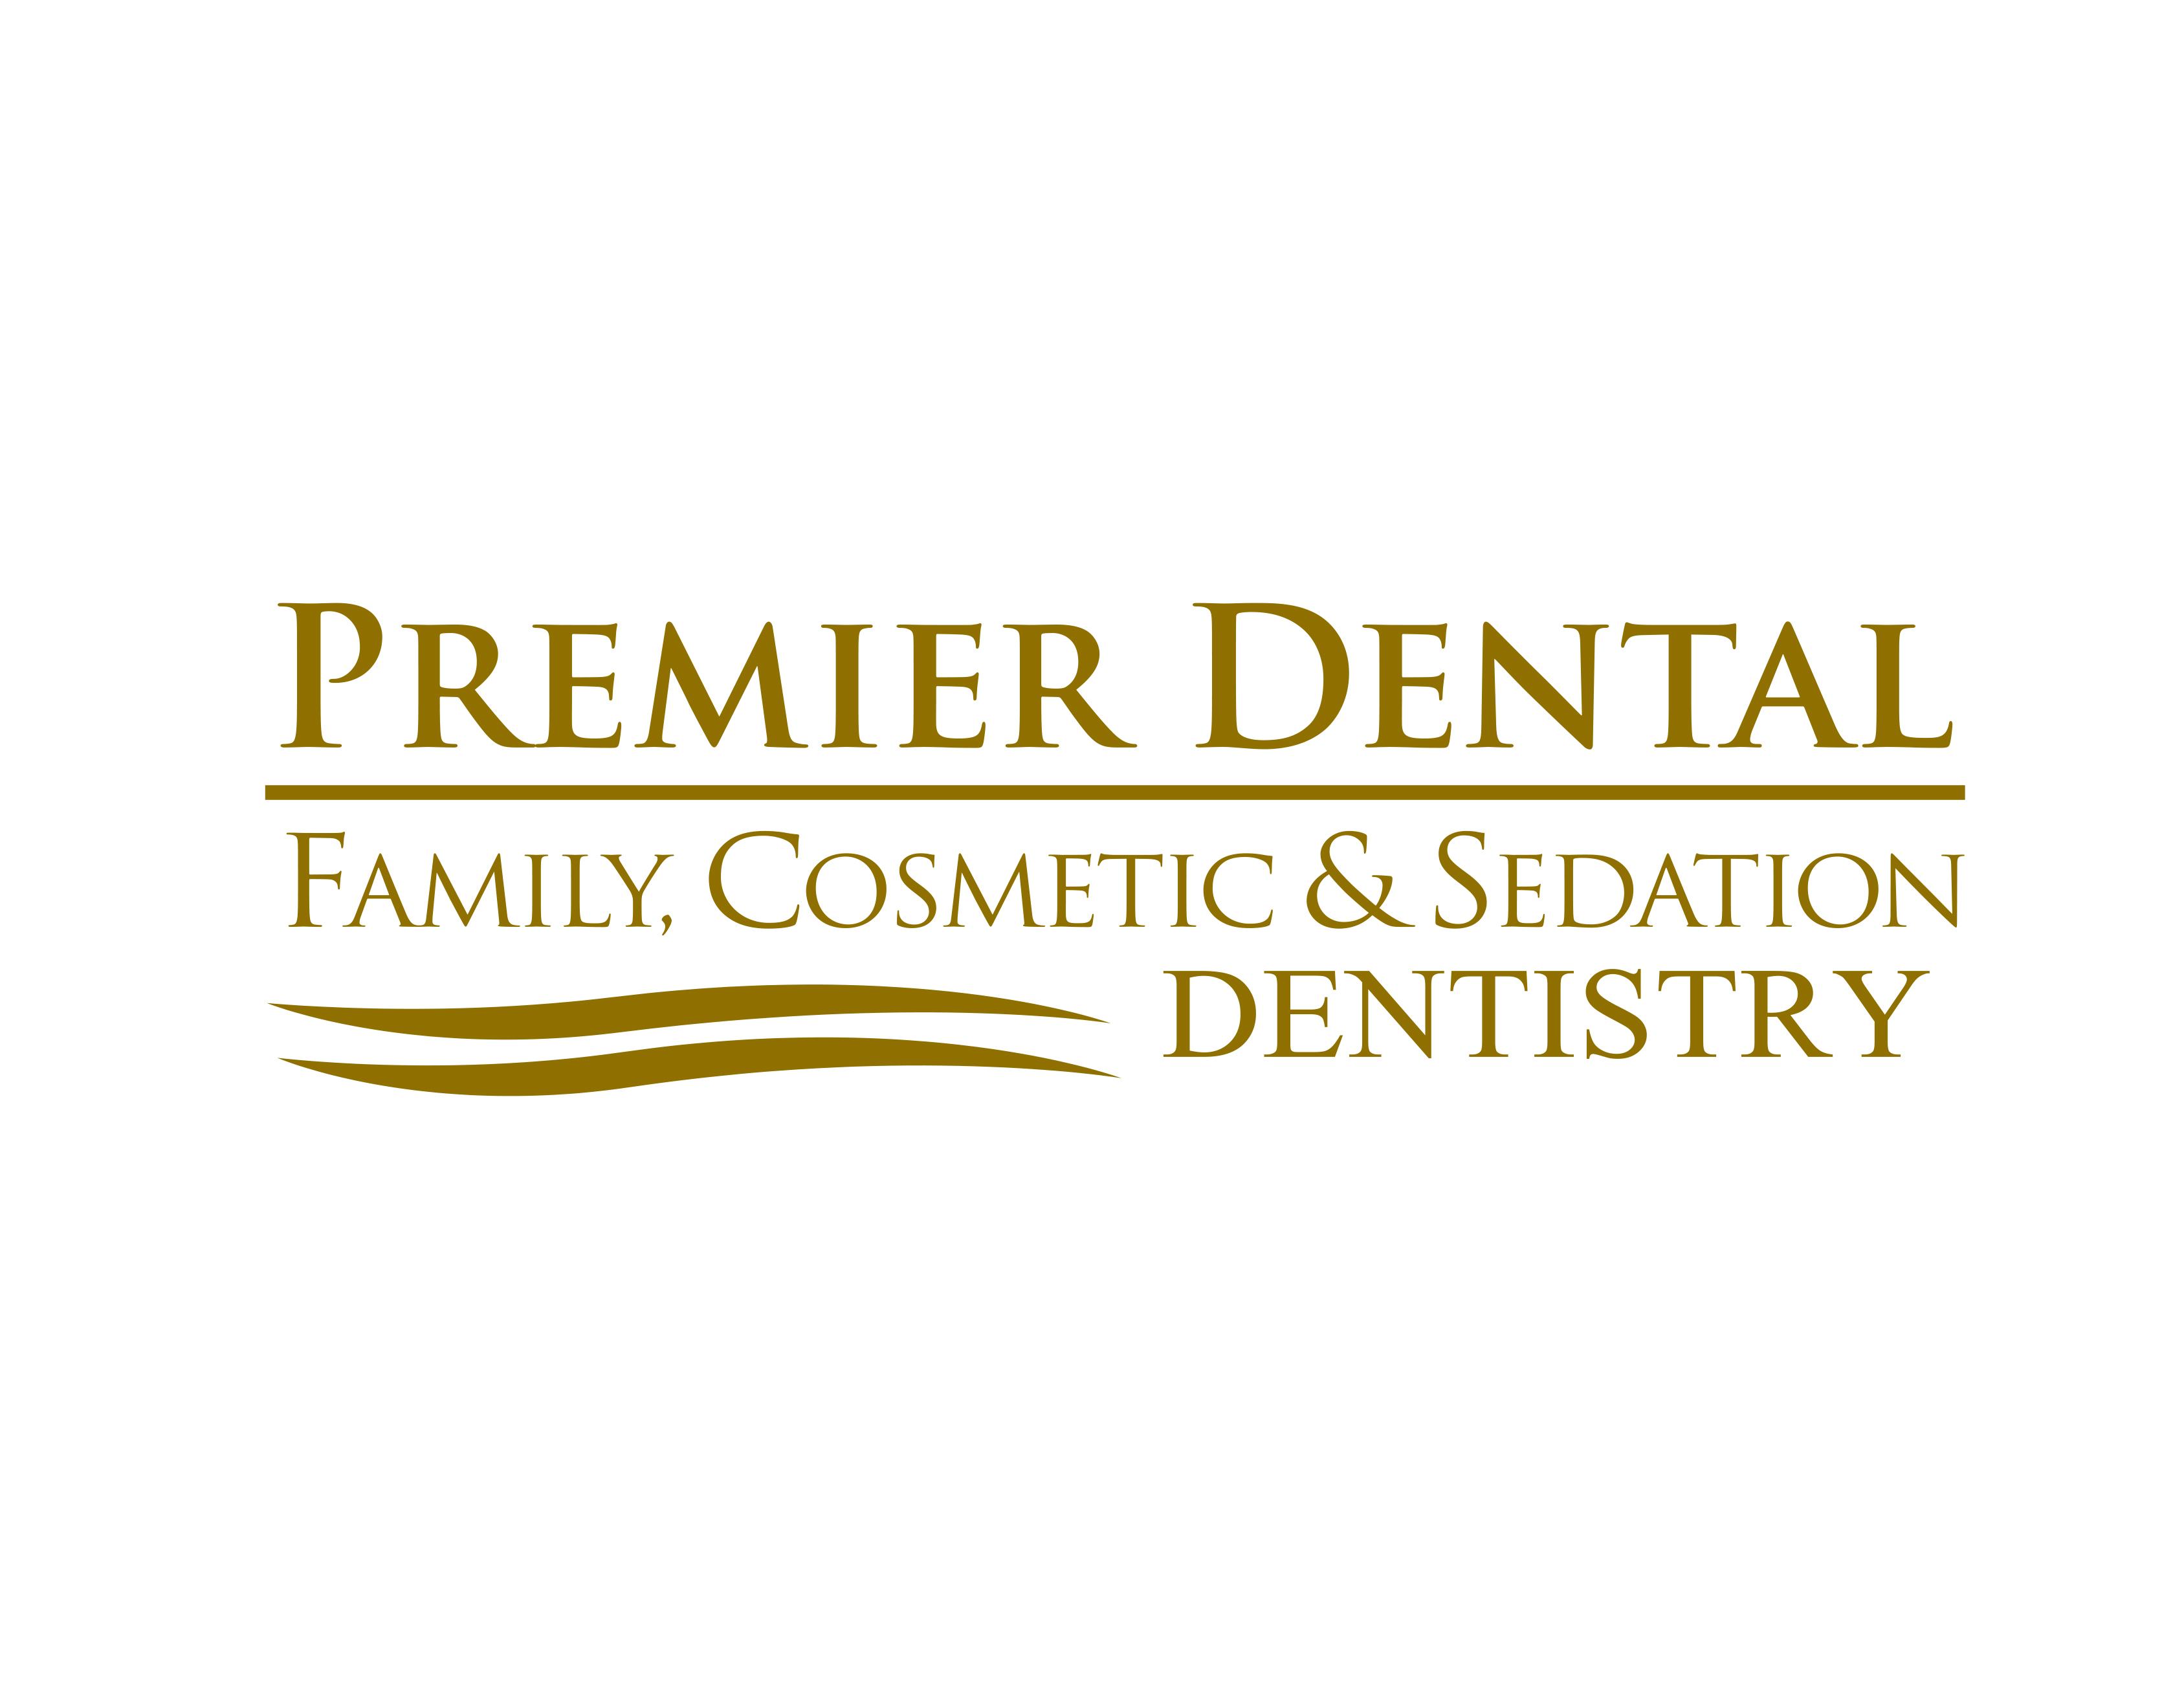 Premier Dental logo.jpg